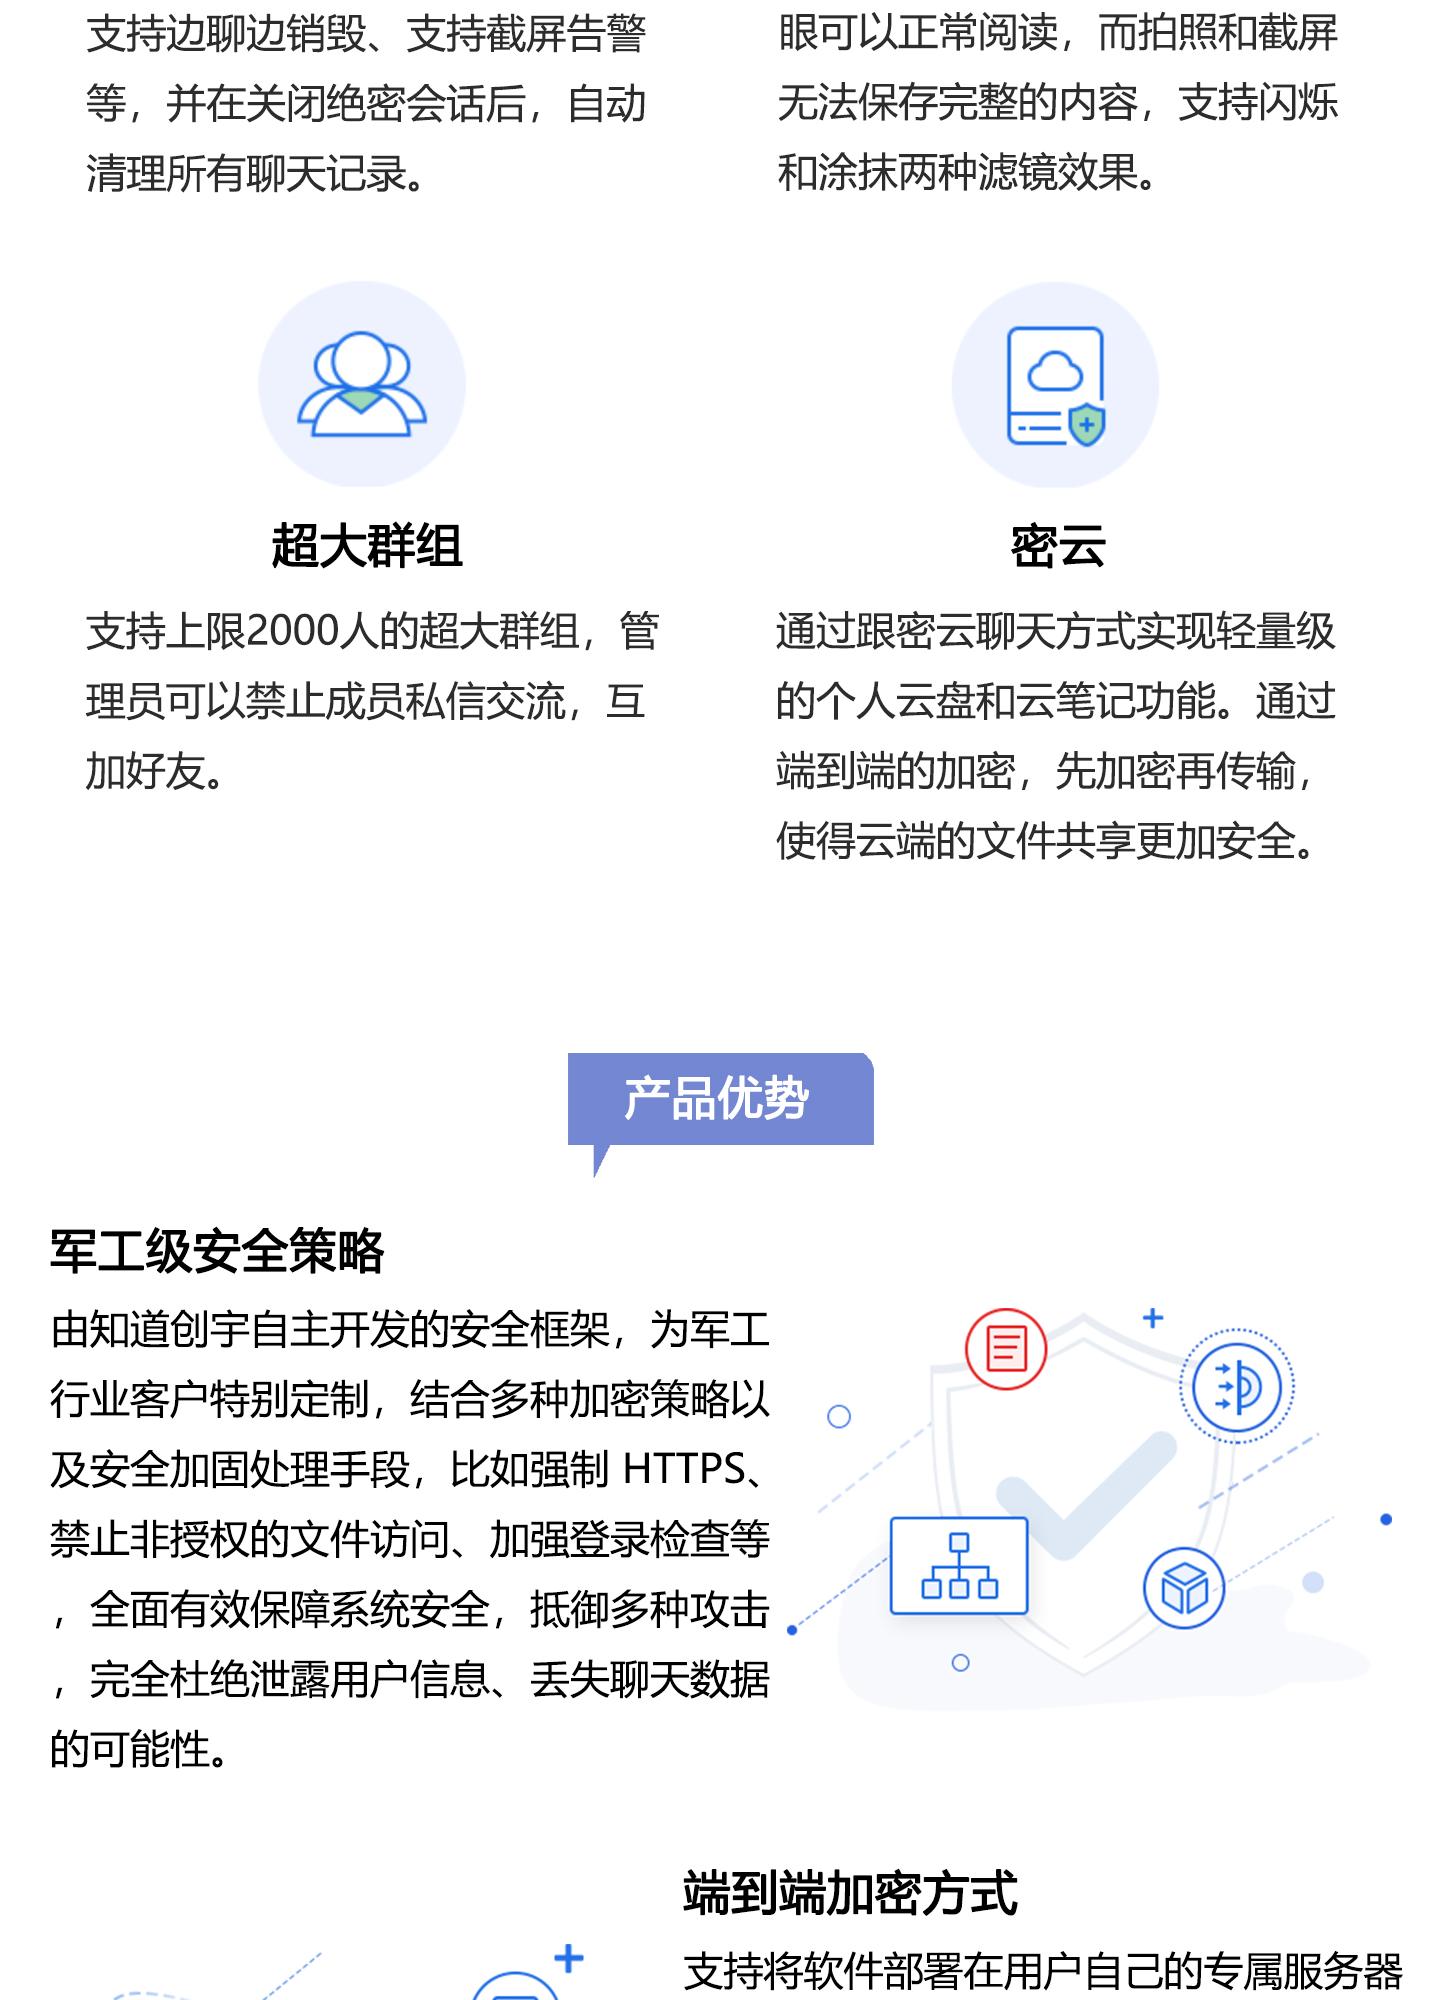 盾牌座——军工级私有化隐私保护通讯工具1440_02.jpg